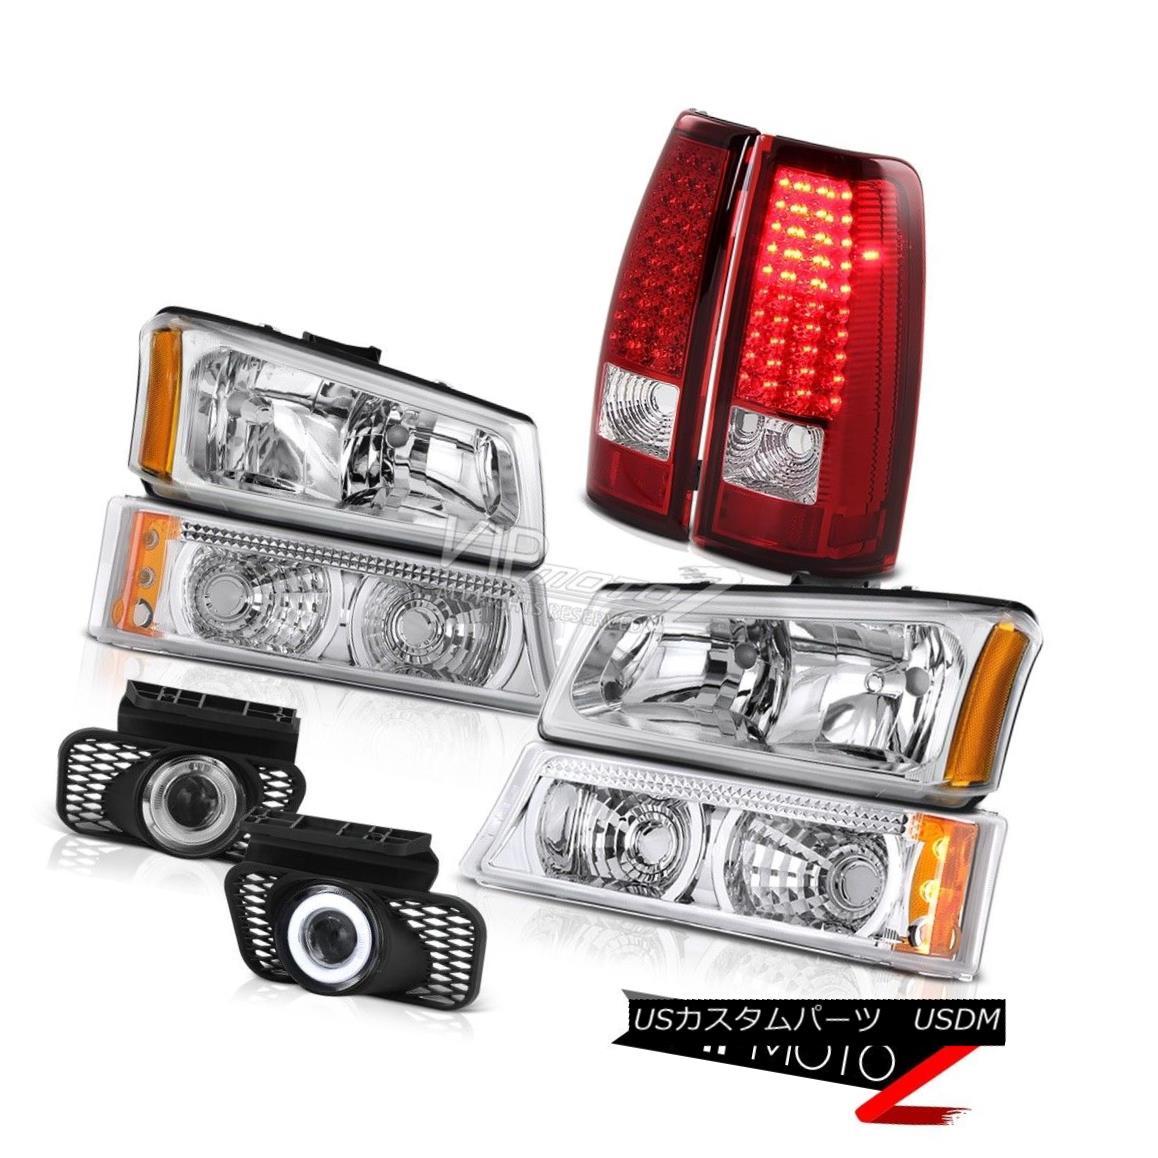 テールライト Left Right Front Headlight LED Bulb Brake Tail SMD DRL Foglights 03-06 Silverado 左右フロントヘッドライトLEDバルブブレーキテールSMD DRLフォグライト03-06シルバラード